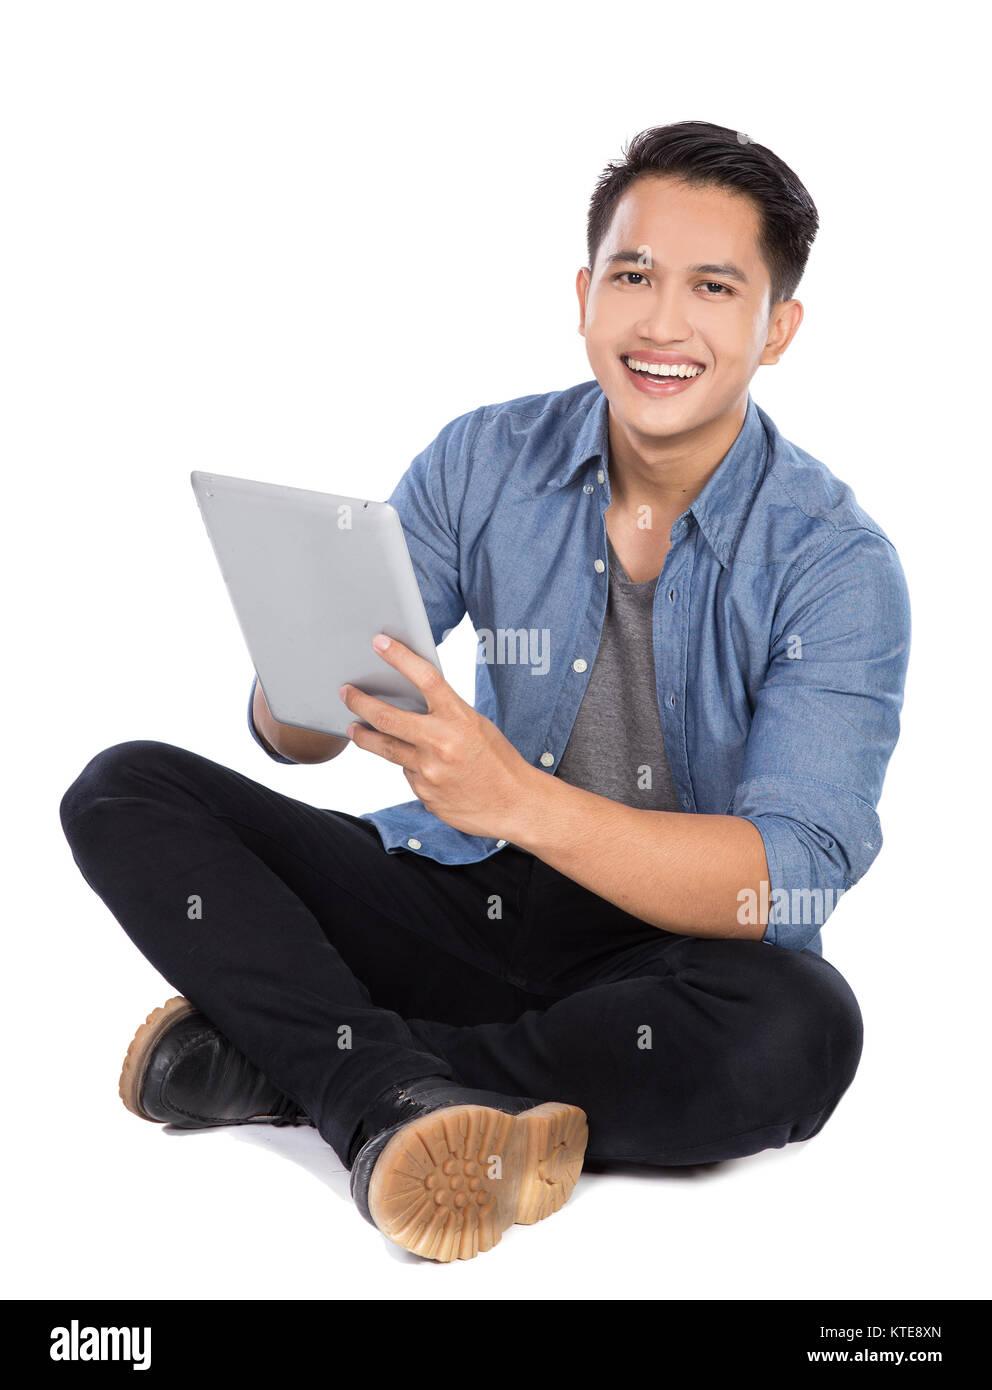 Joven hombre asiático con tablet PC mientras está sentado en el suelo, isol Imagen De Stock